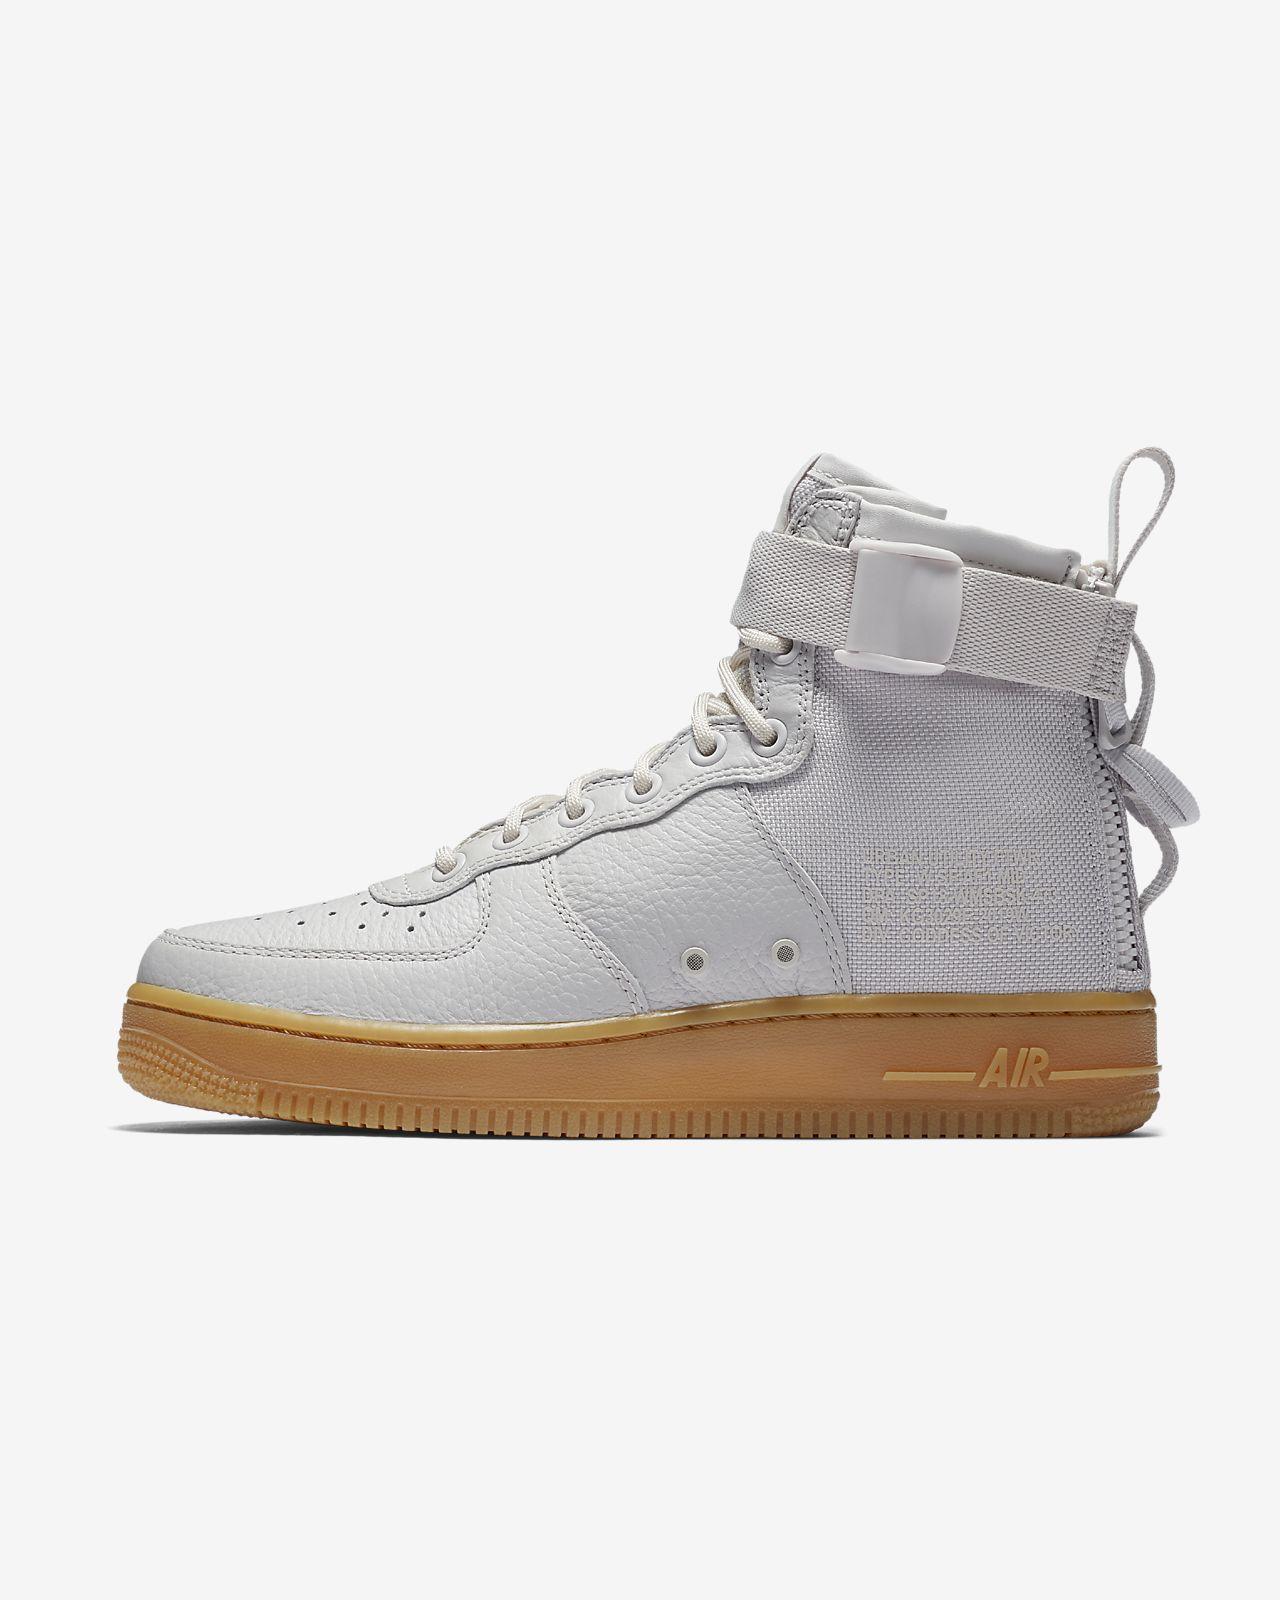 Sf Nike Air Force Chaussures En Daim Gris Moyen 5krgwJAi